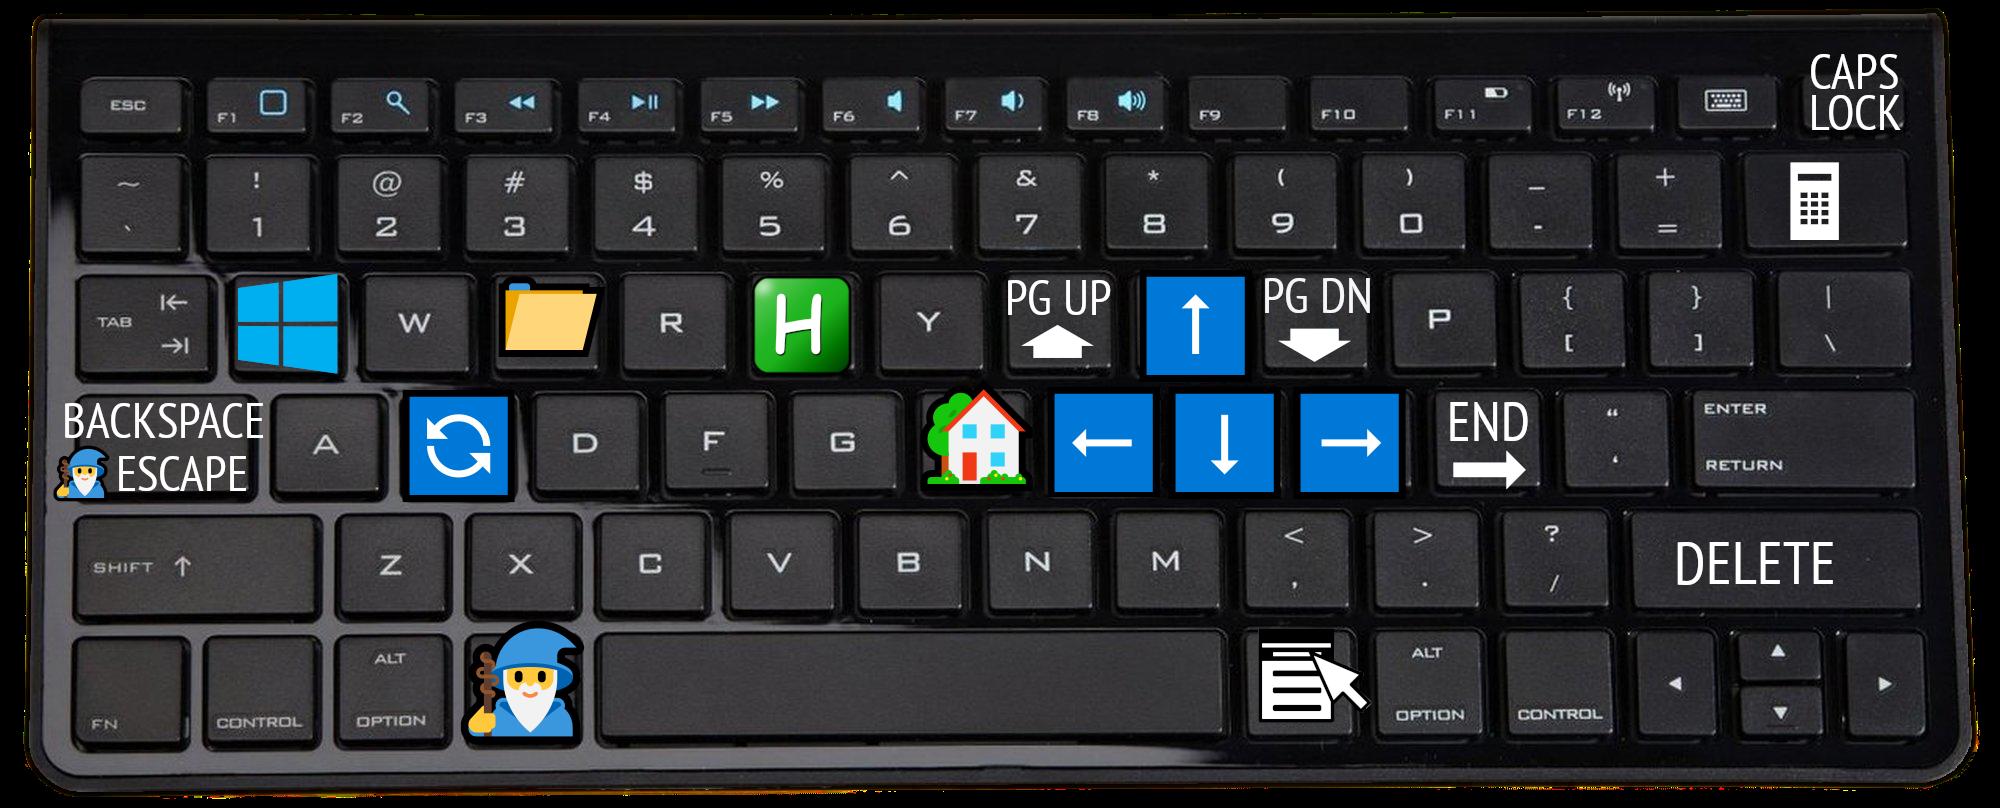 keyboard shortcuts made with AutoHotkey